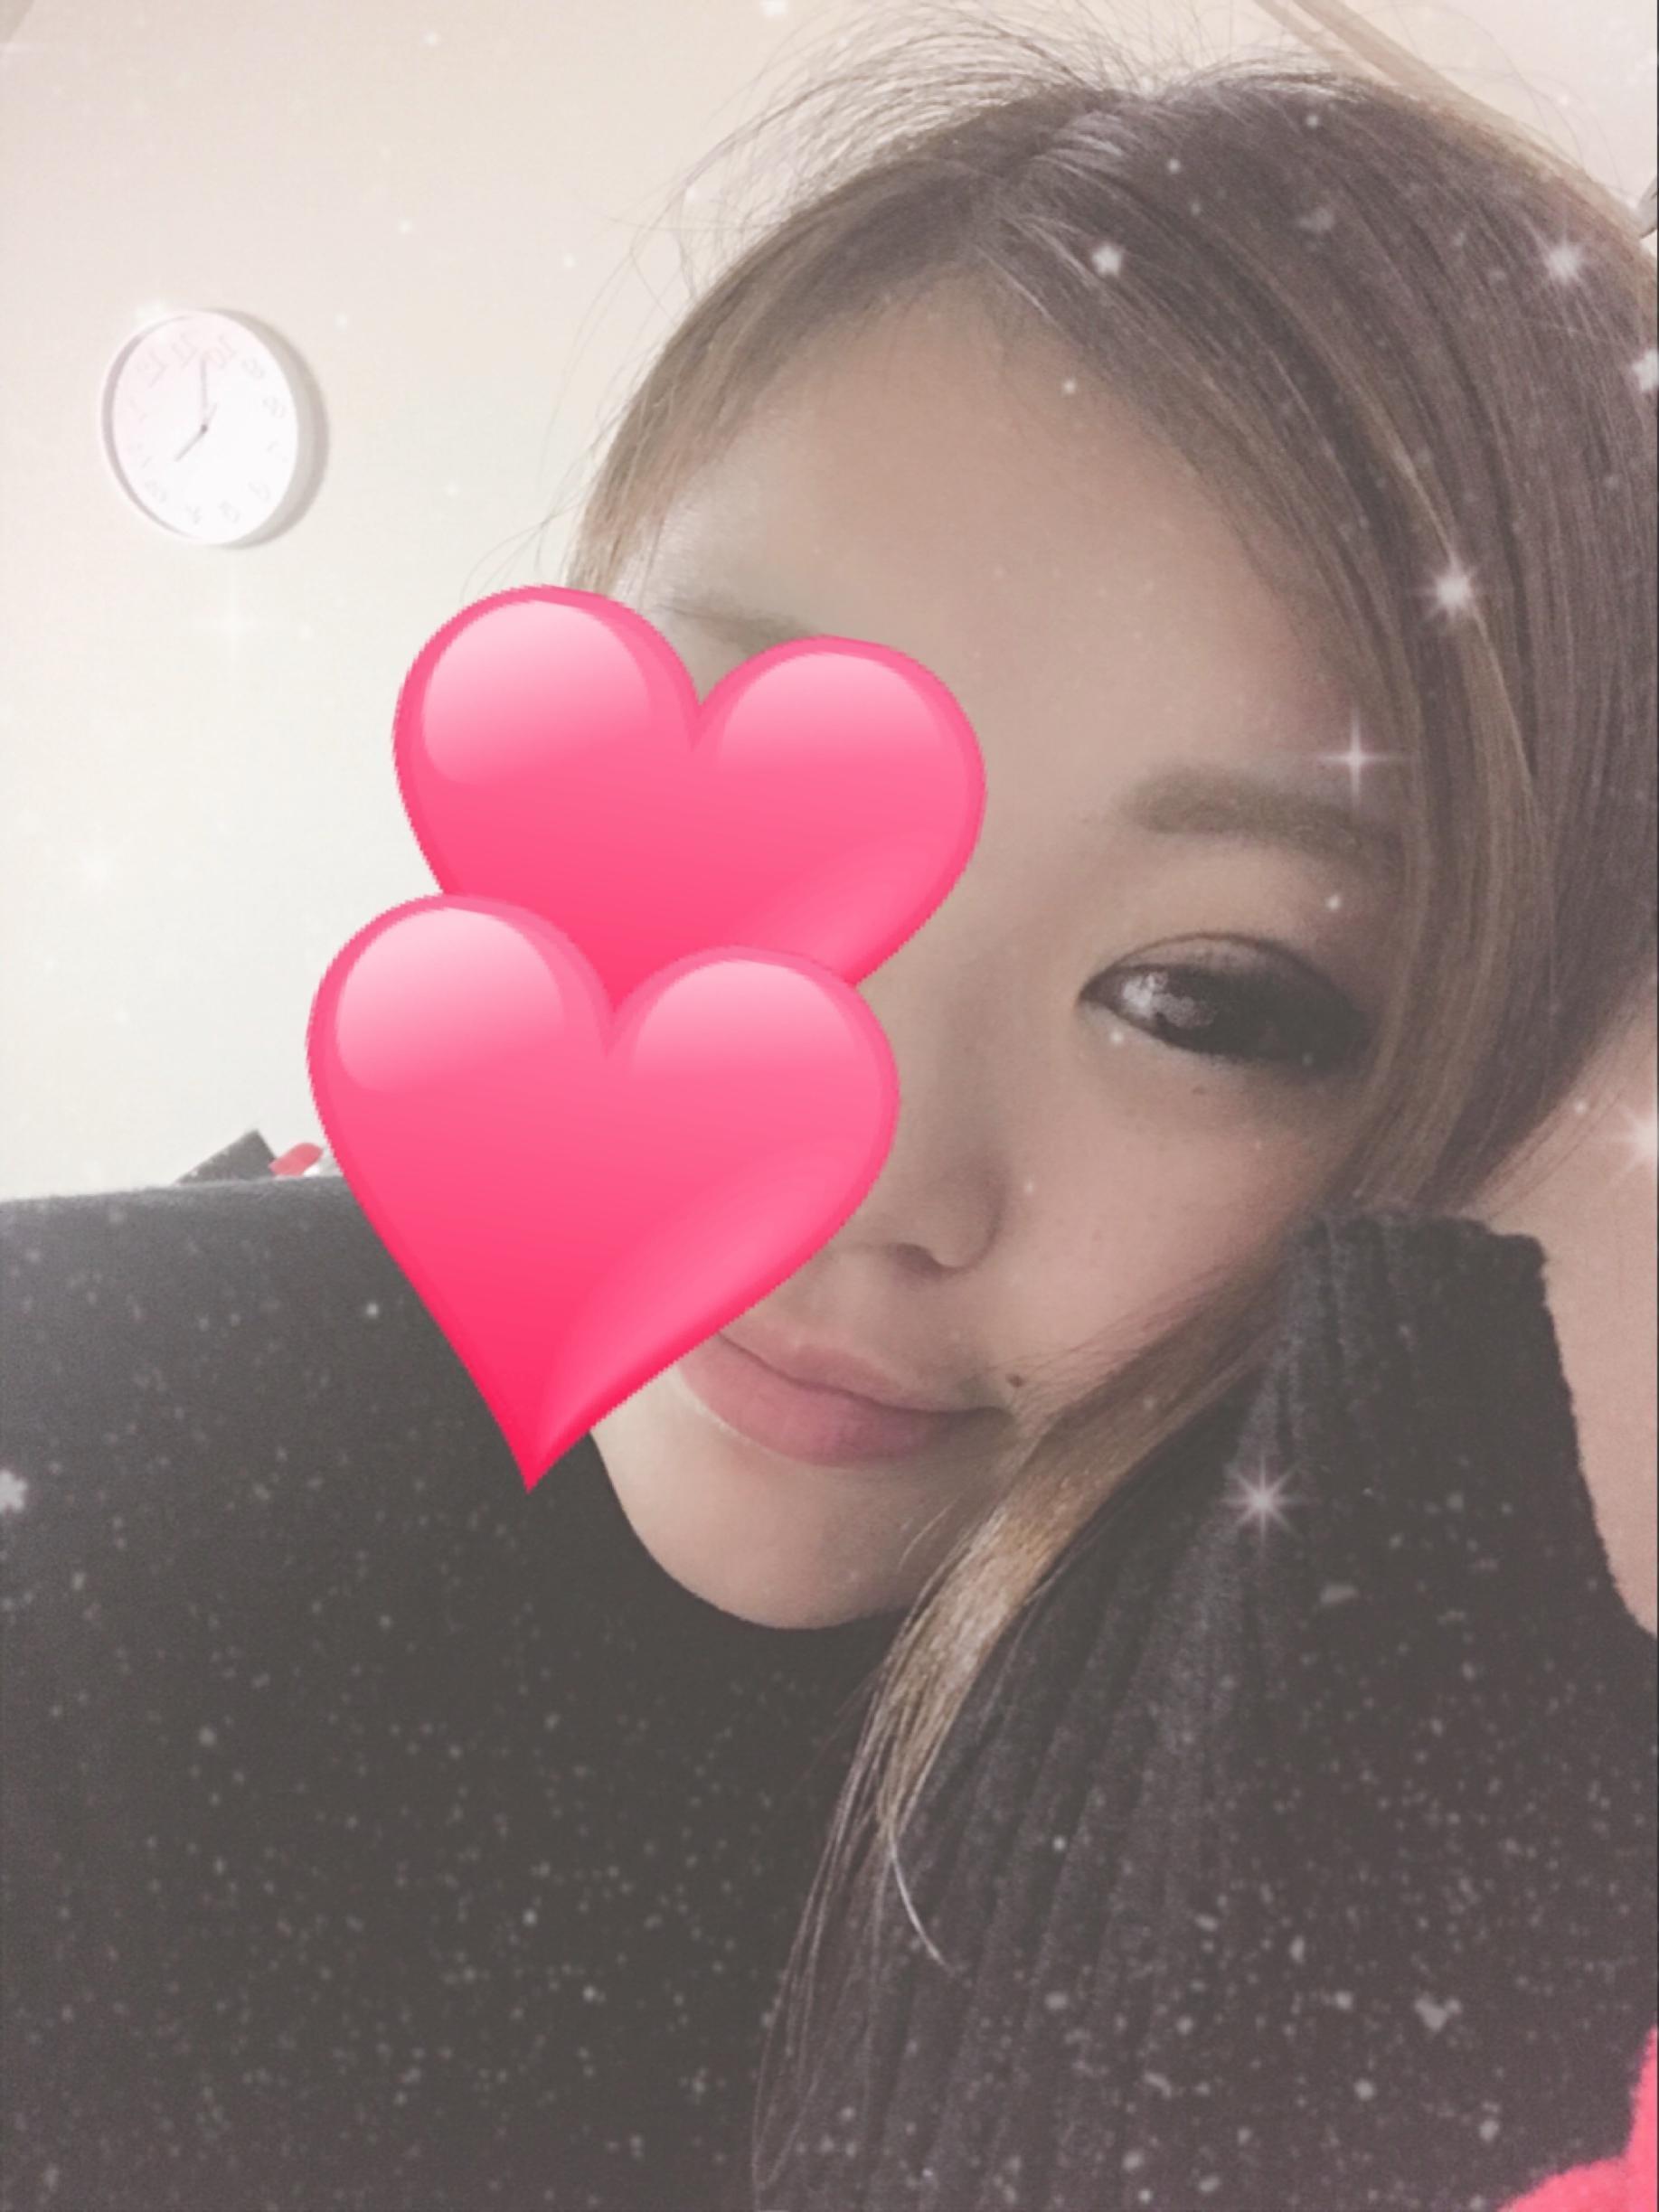 「お久しぶりデス??」10/01(10/01) 15:39   あすなろんの写メ・風俗動画